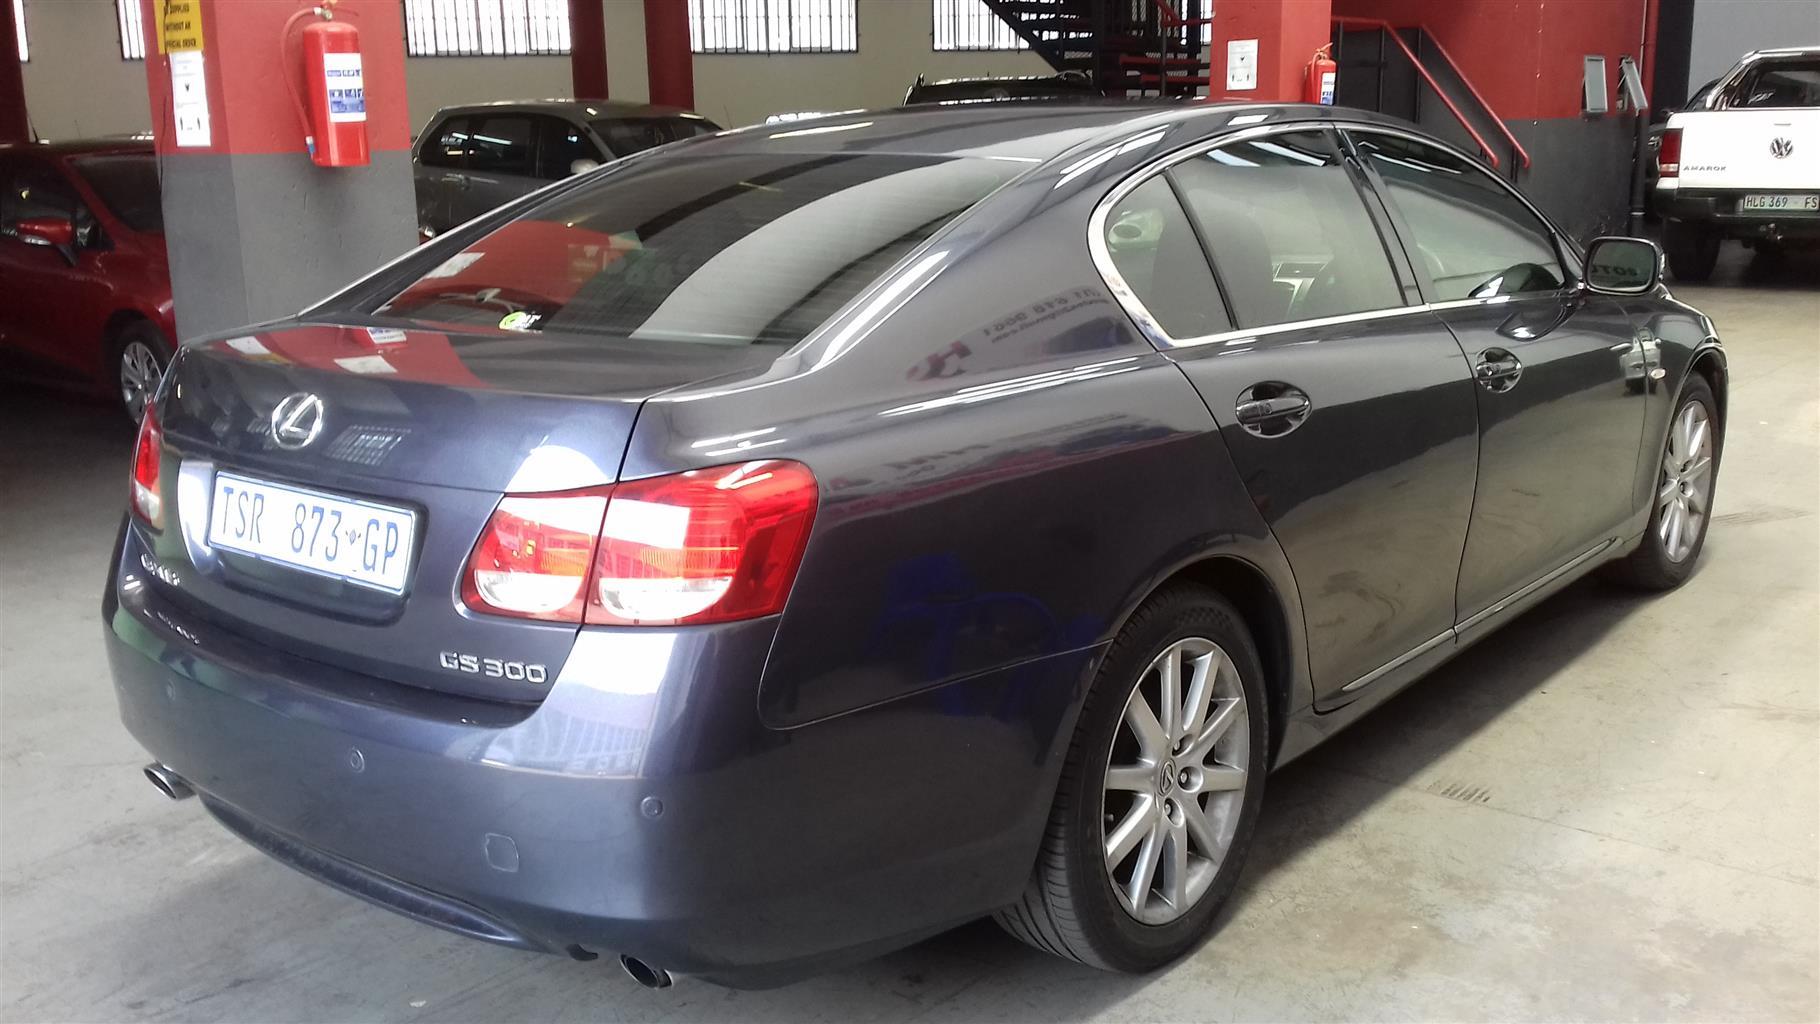 2008 Lexus GS 300 automatic